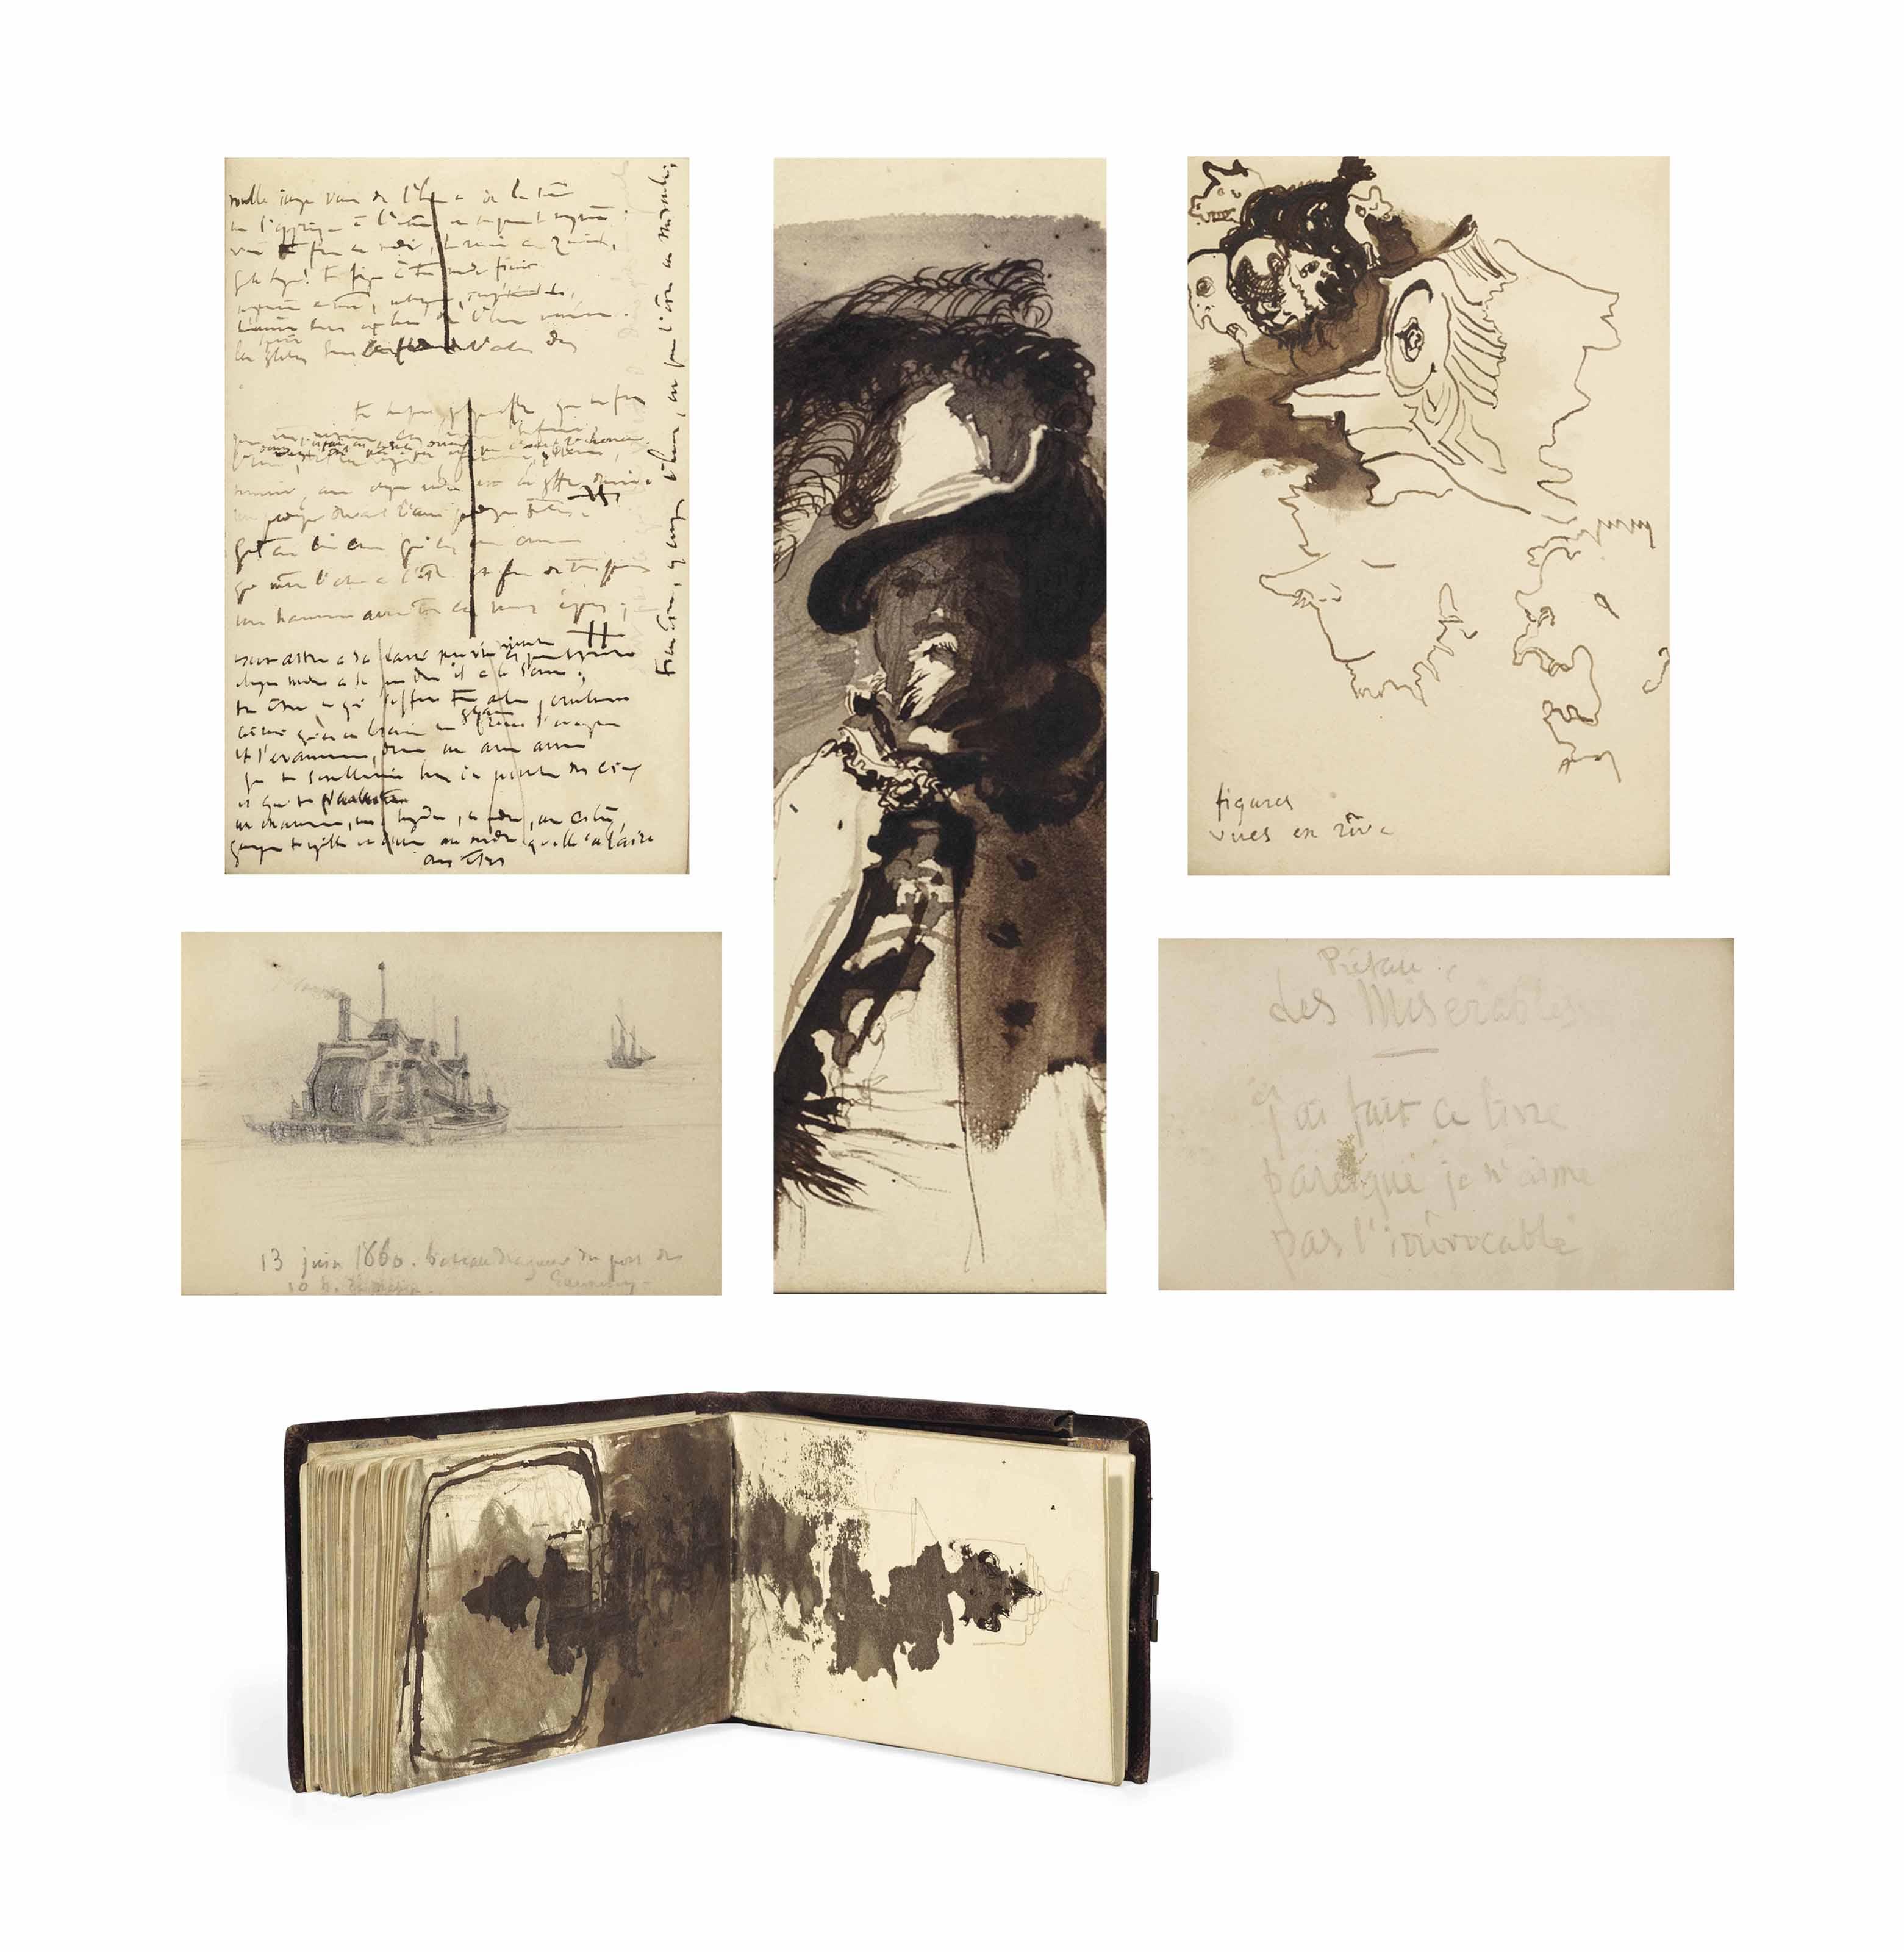 HUGO, Victor (1802-1885). Carnet de notes autographes, dessins et croquis originaux. 64 feuillets non lignés (en comptant les gardes), dont un seul laissé vierge. Encre et crayon. Entre 1856 et au moins 1860.